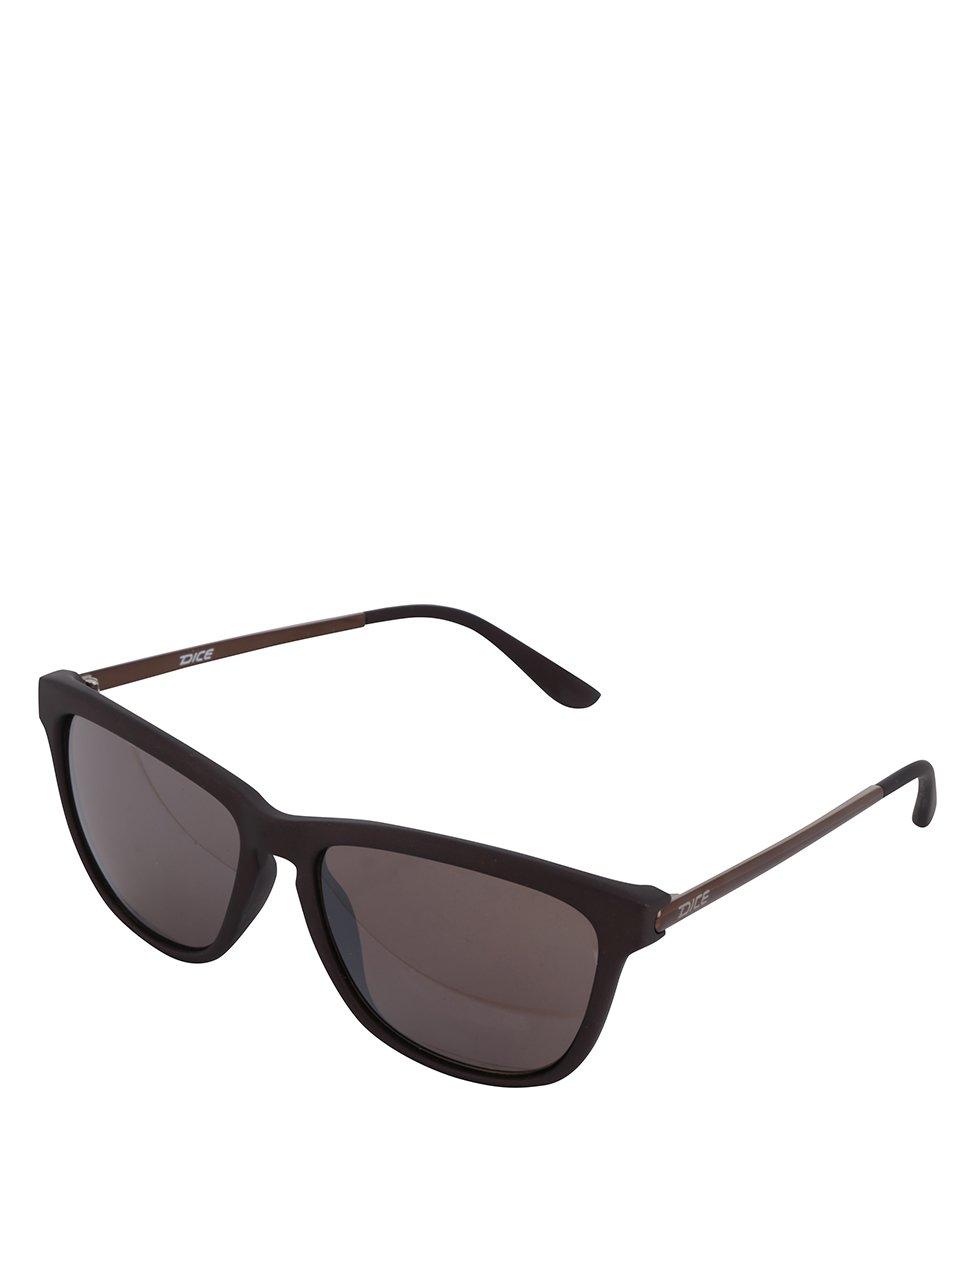 Hnedé pánske slnečné okuliare Dice  76e3ef0f908